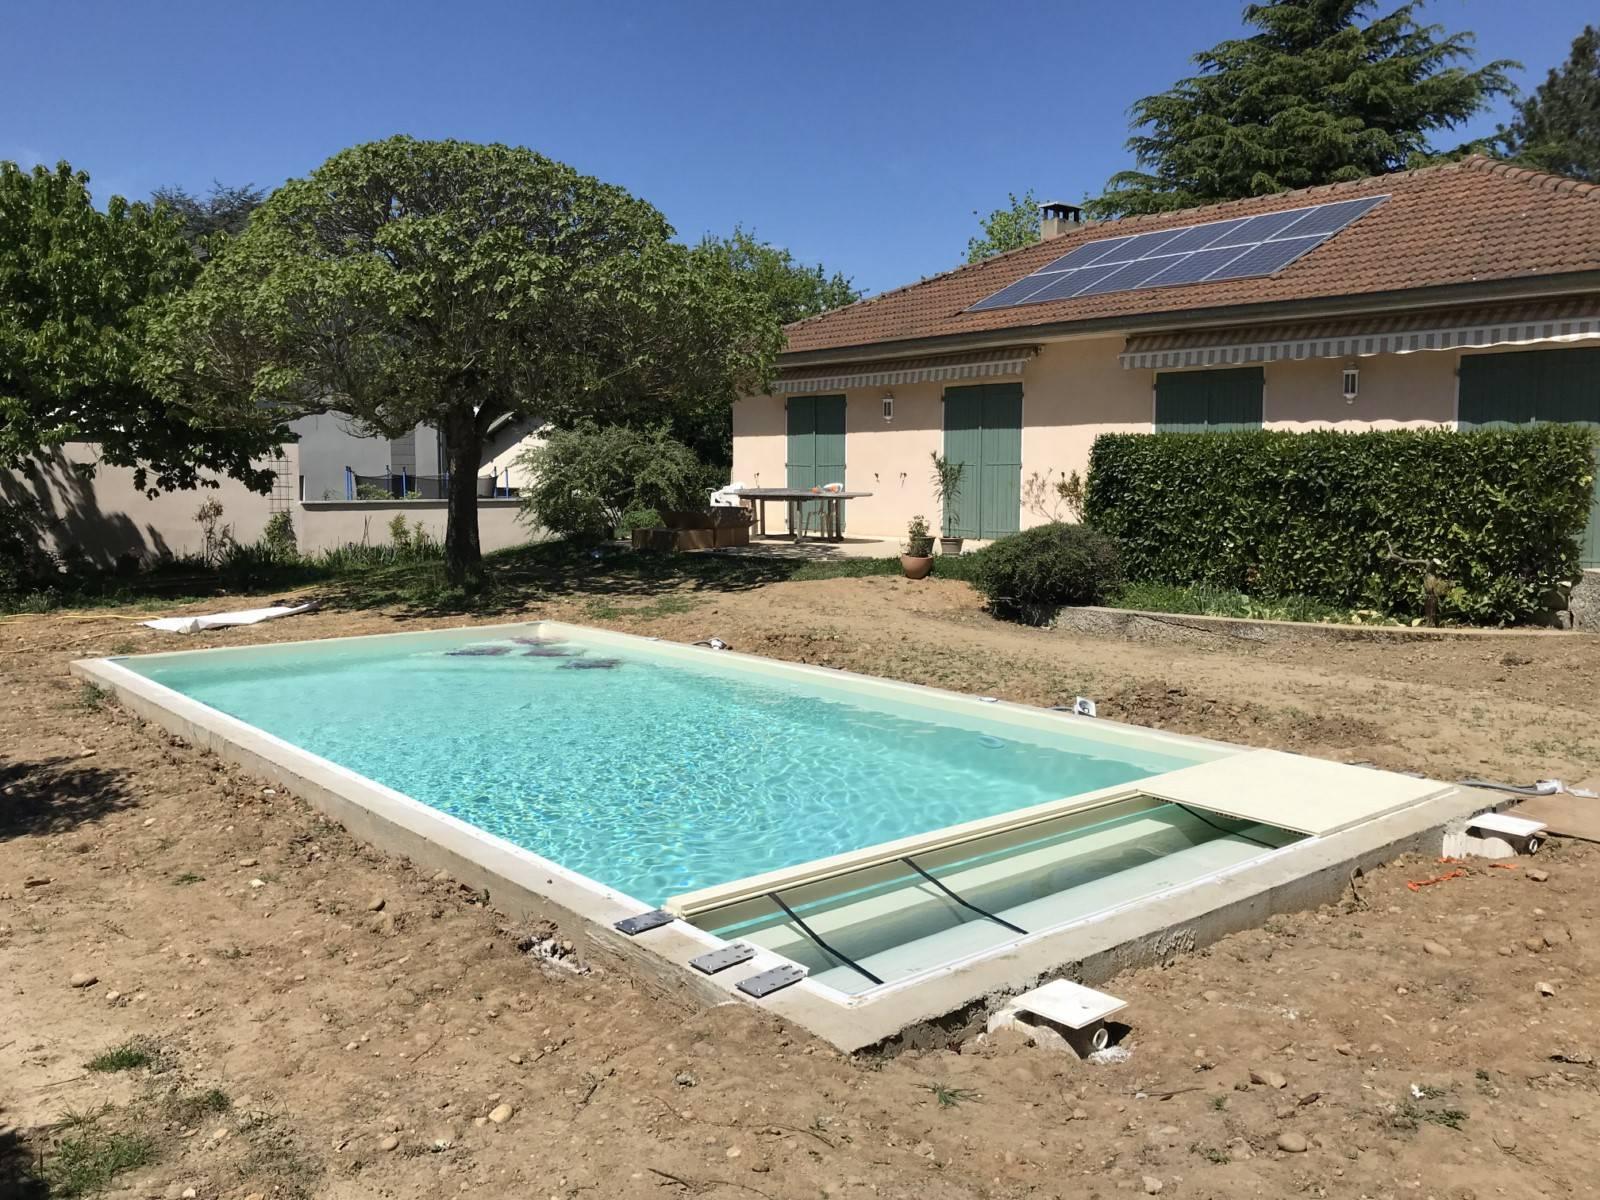 Extension D'une Maison D'habitation + Création D'une Piscine ... encequiconcerne Piscine Sainte Foy Les Lyon